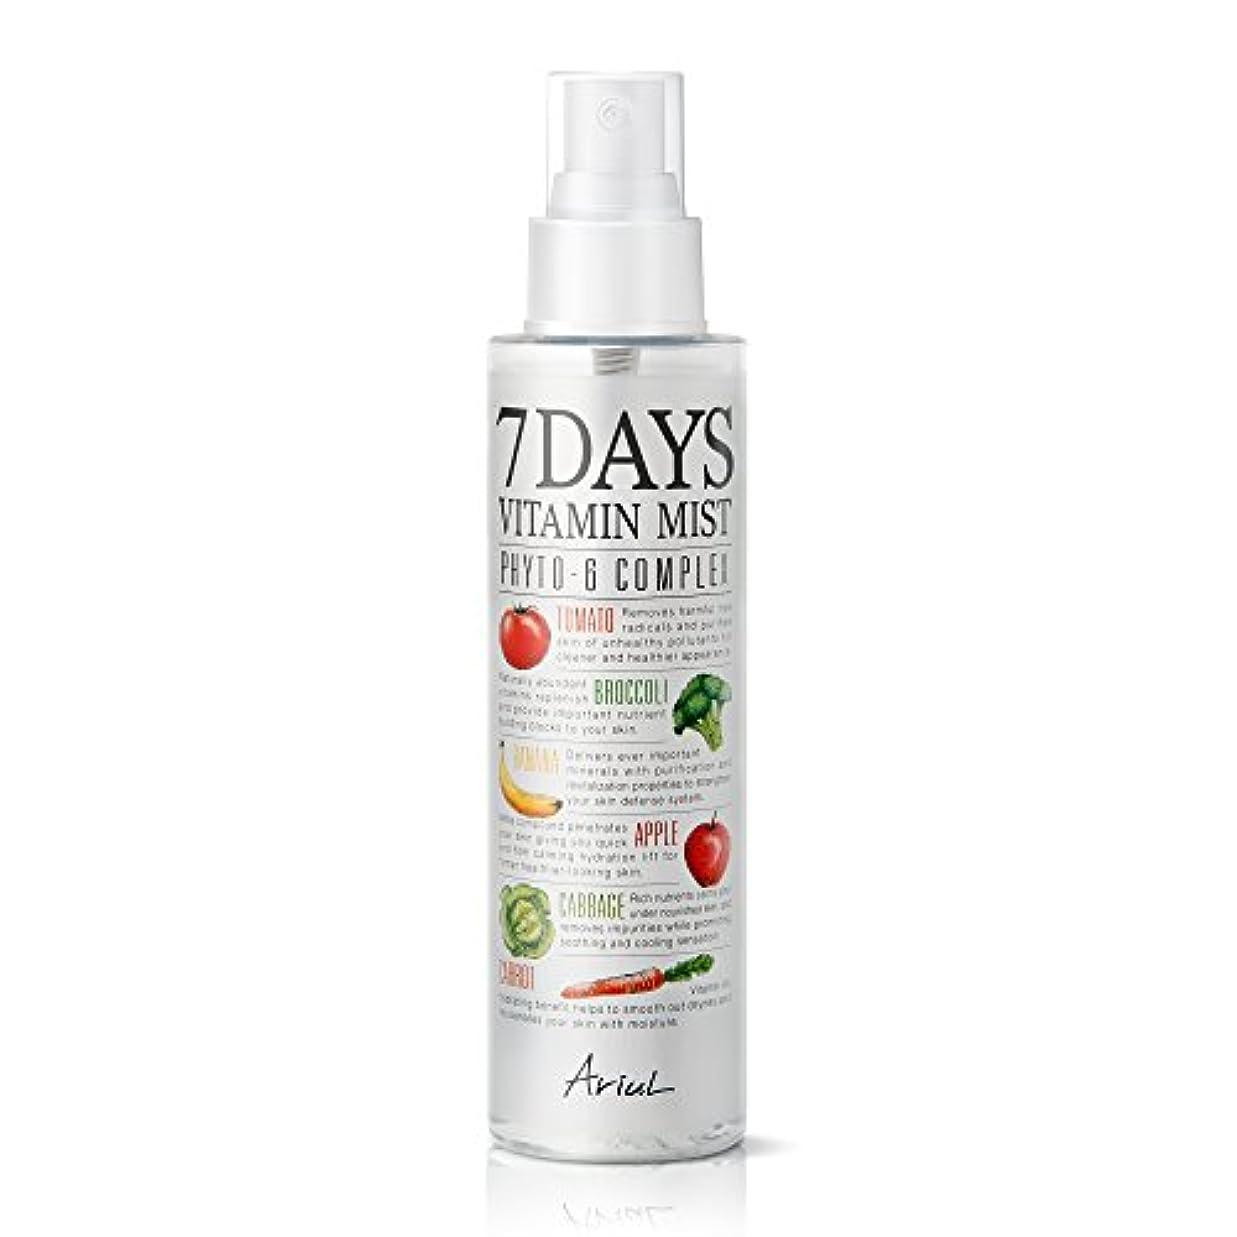 ディレクトリ目的発火するアリアル 7デイズビタミンミスト150ml / Ariul Natural Facial Face Mist 7 Days Vitamin Mist [並行輸入品]